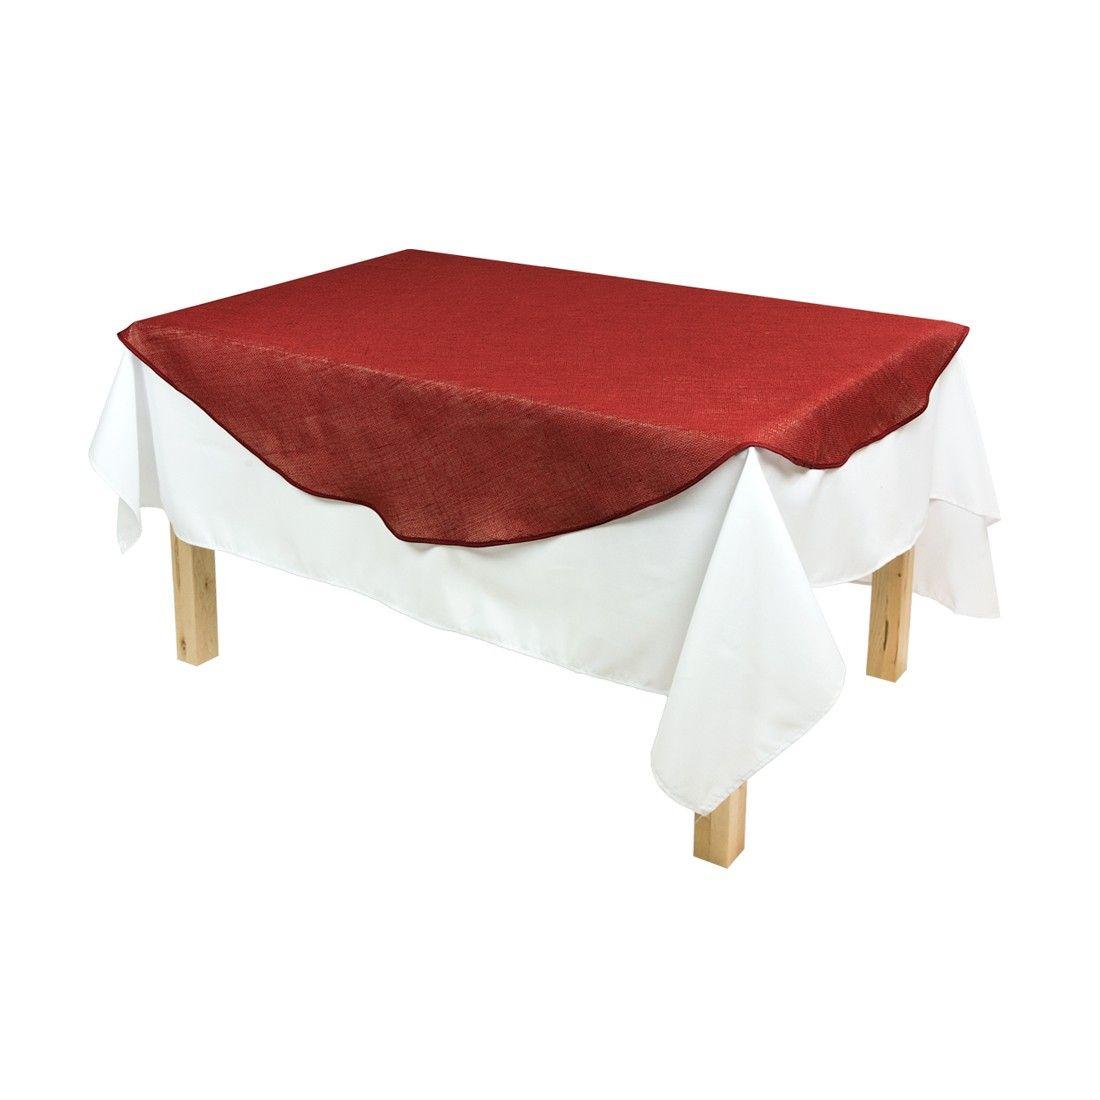 Burlap Round Table Overlays 60 In Round Burlap Table Overlay Red Hessian Overlays And Tables